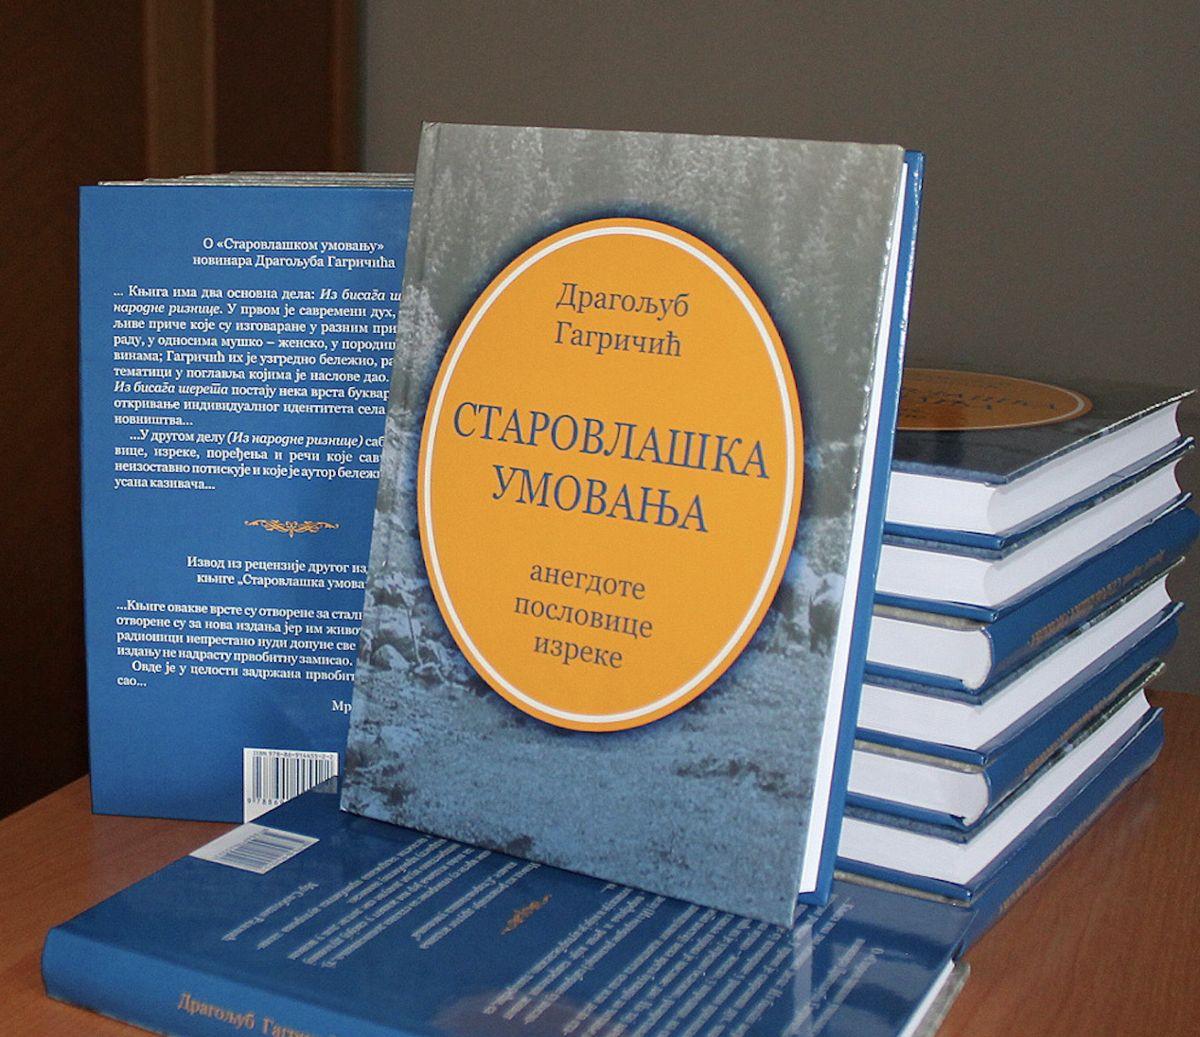 Књига старовлашка умовања